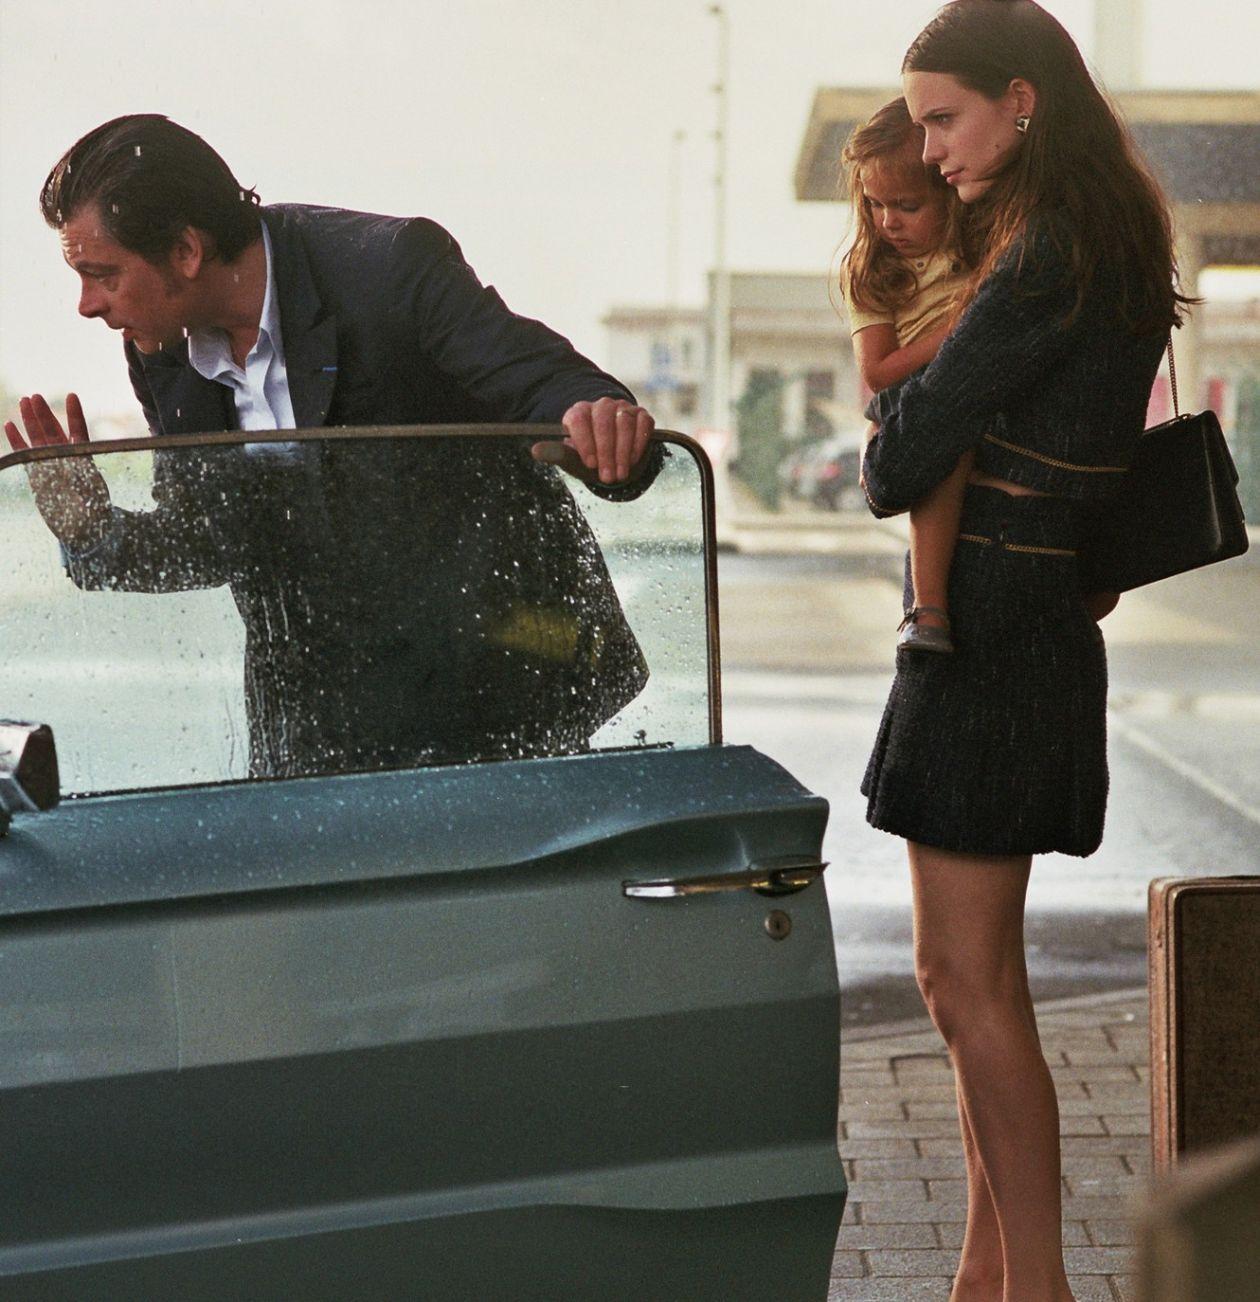 Stacy Martin actress   La dame dans l'auto avec des lunettes et un fusil / The Lady in the Car with Glasses and a Gun / Joann Sfar 2015